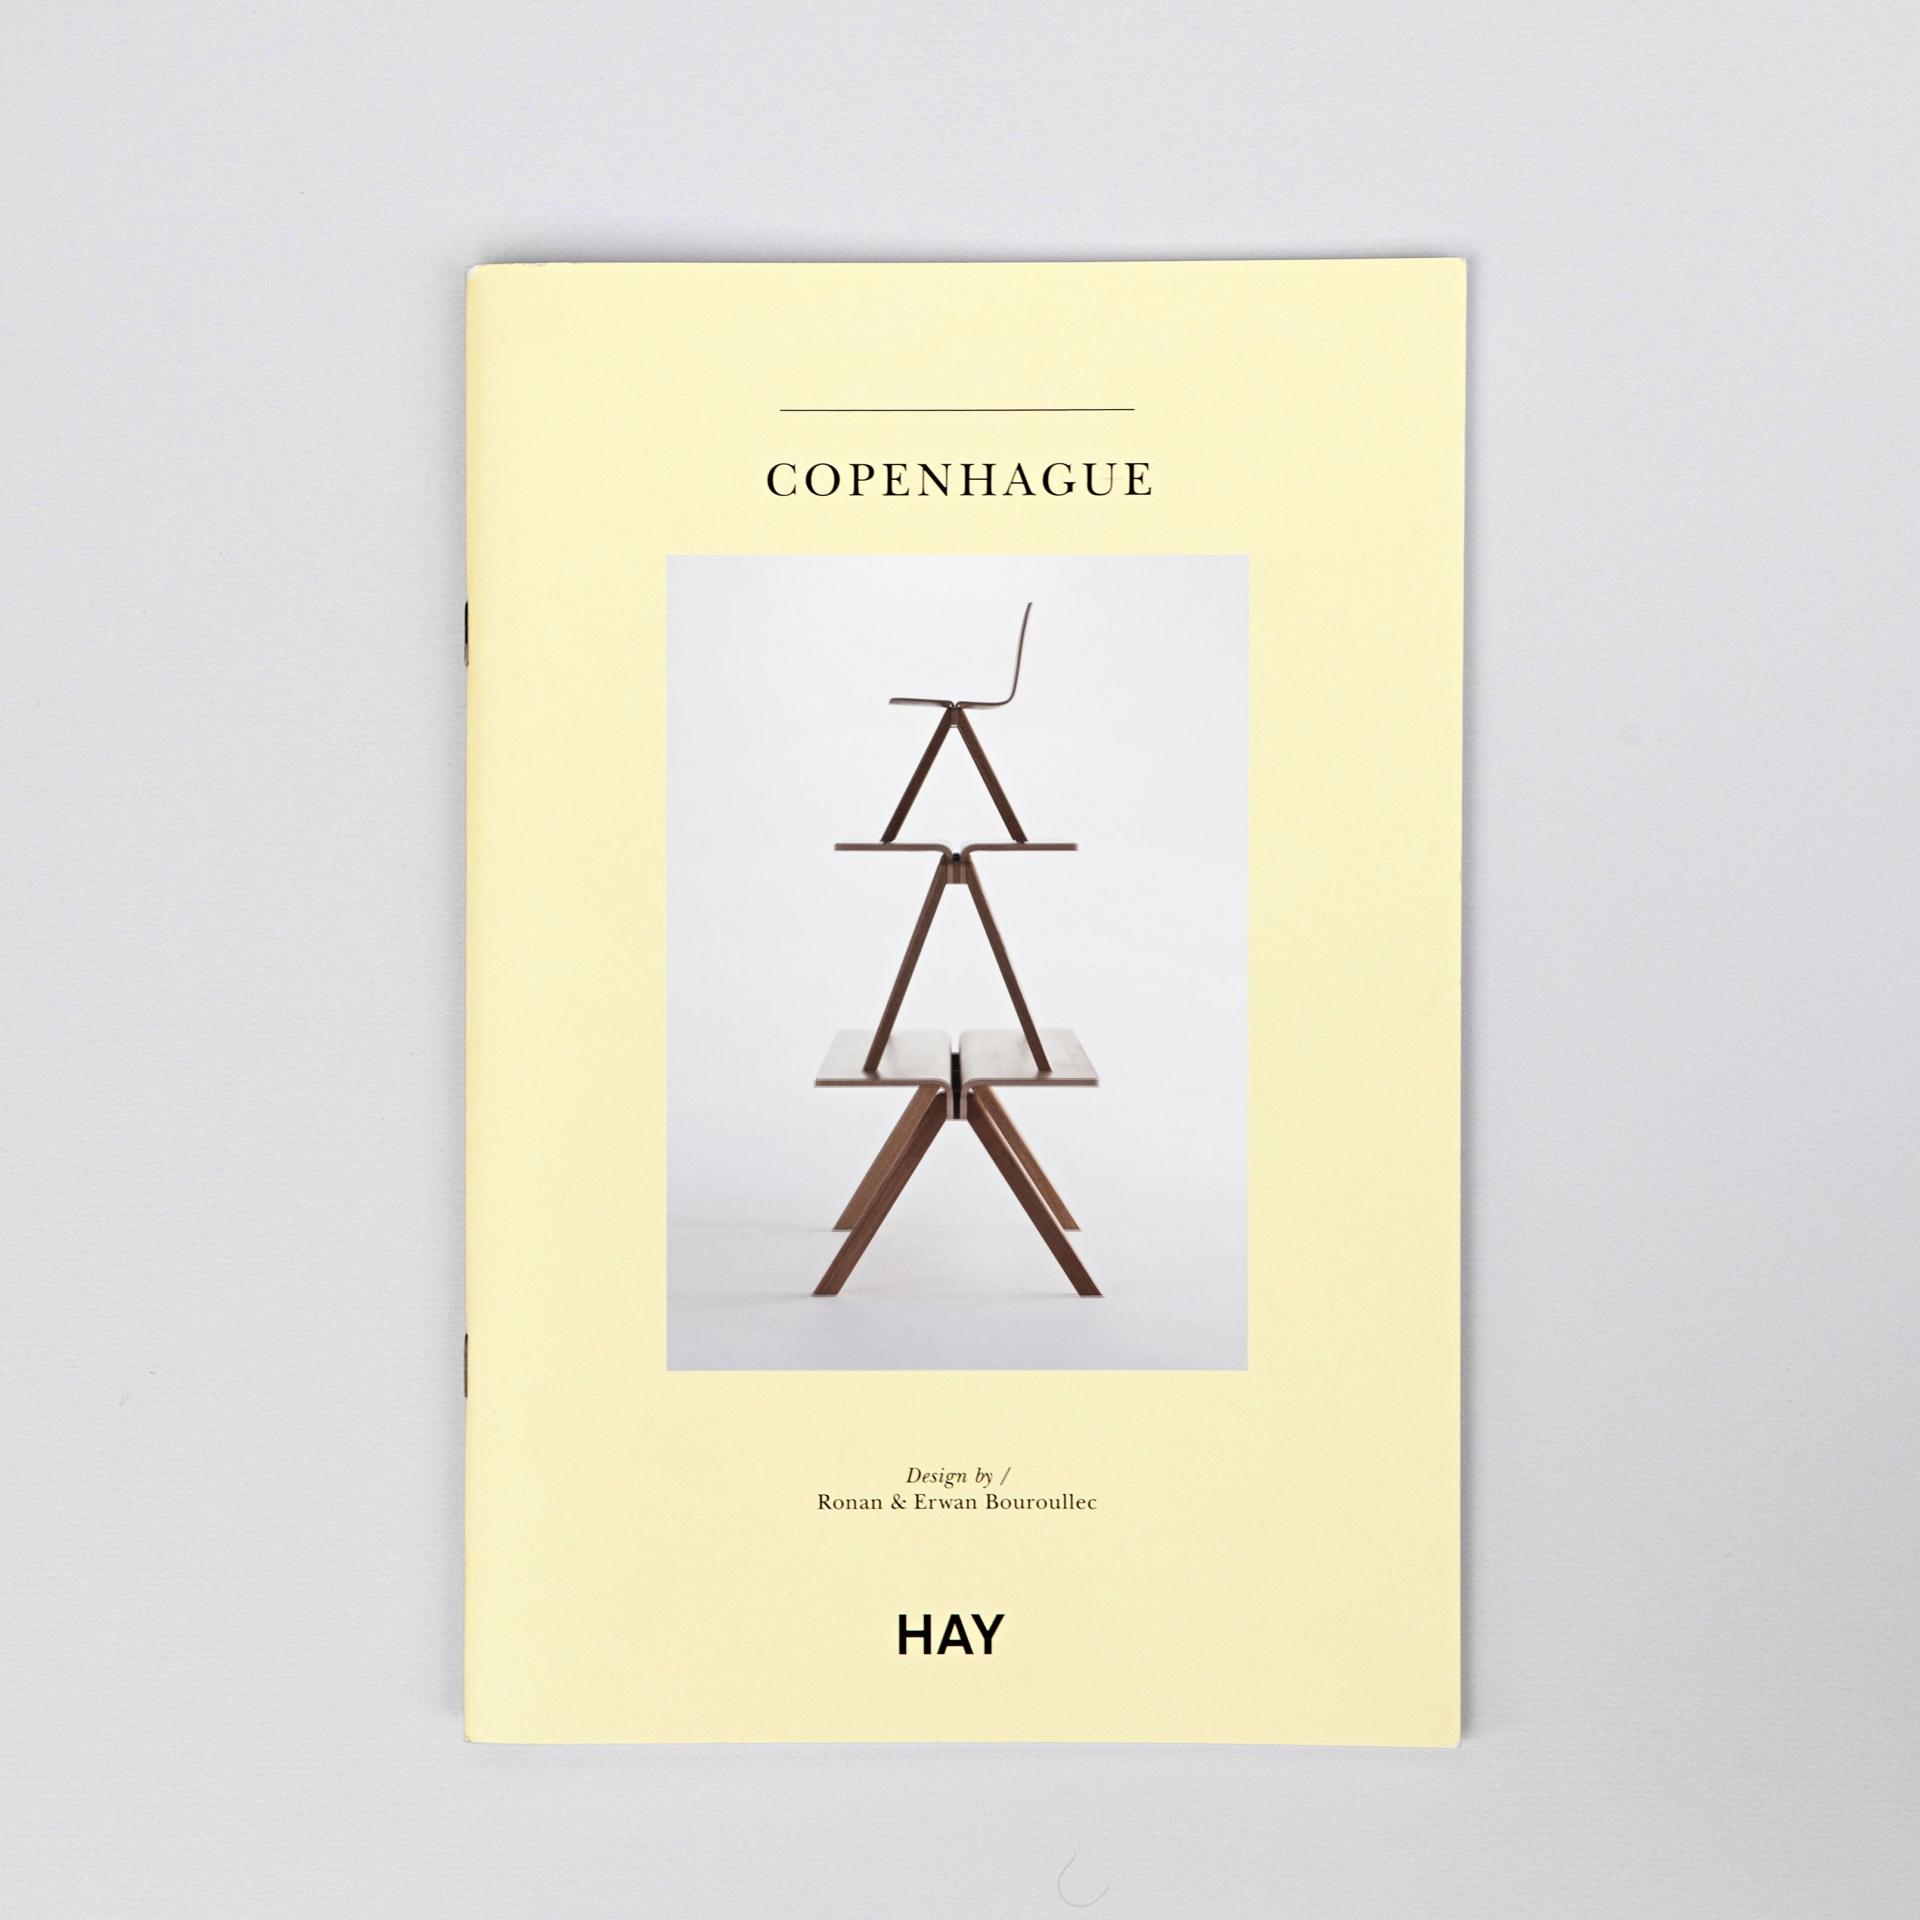 C.v.Z. COPENHAGUE / HAY